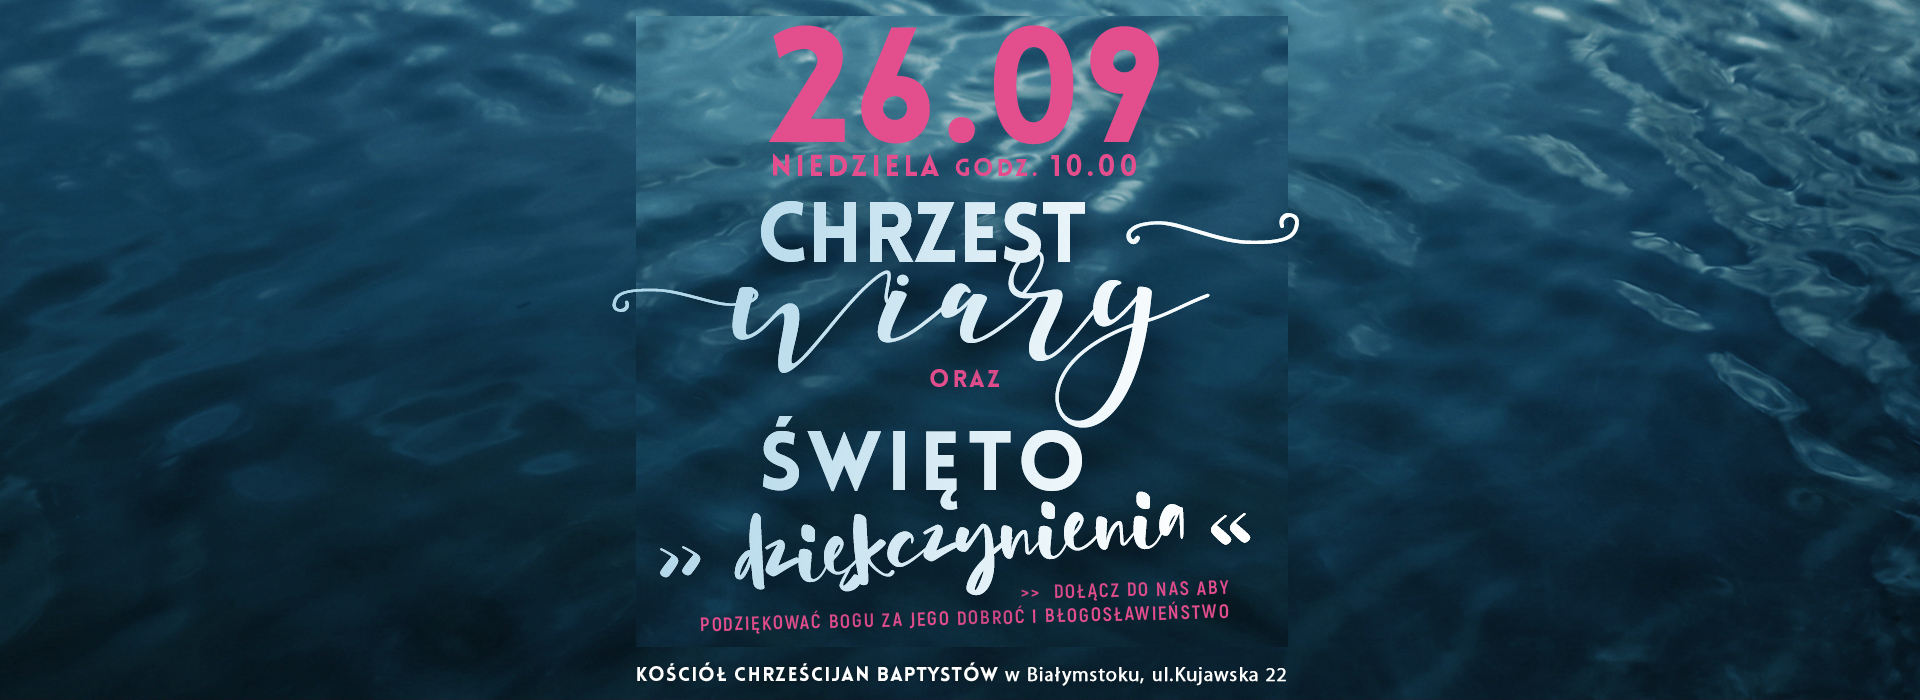 chrzest_dziekczynienie_1920_2021